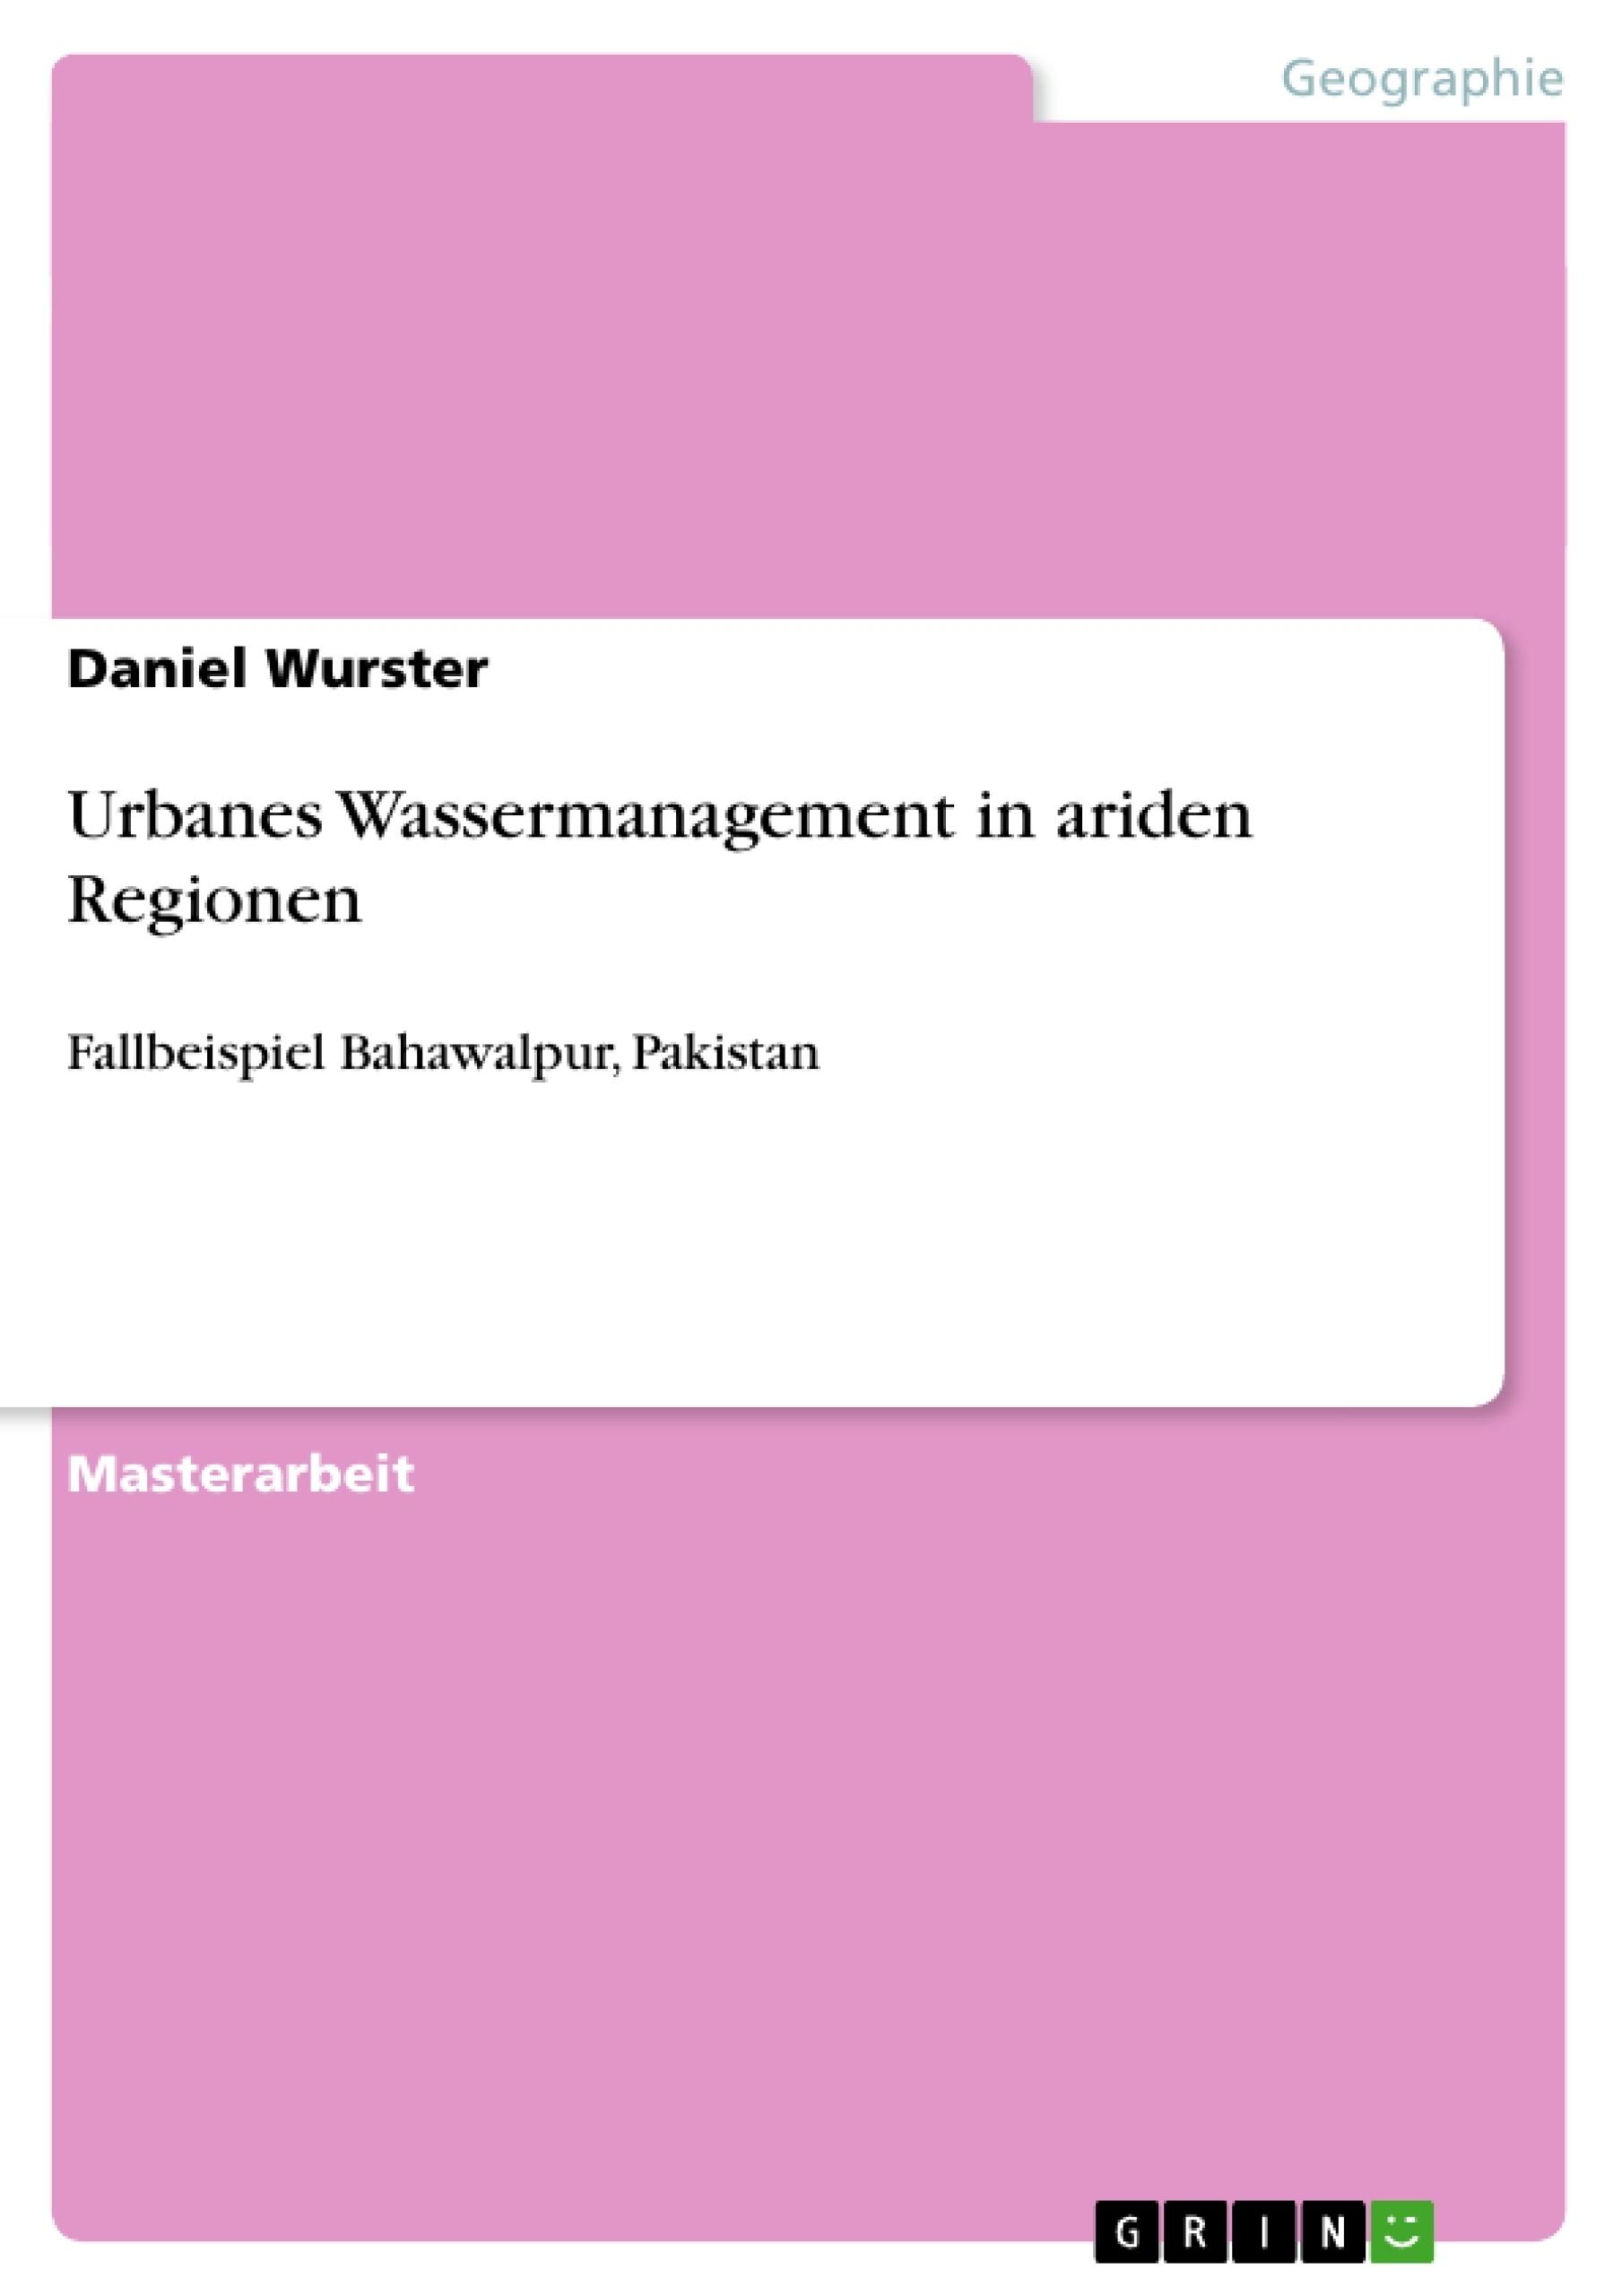 Titel: Urbanes Wassermanagement in ariden Regionen